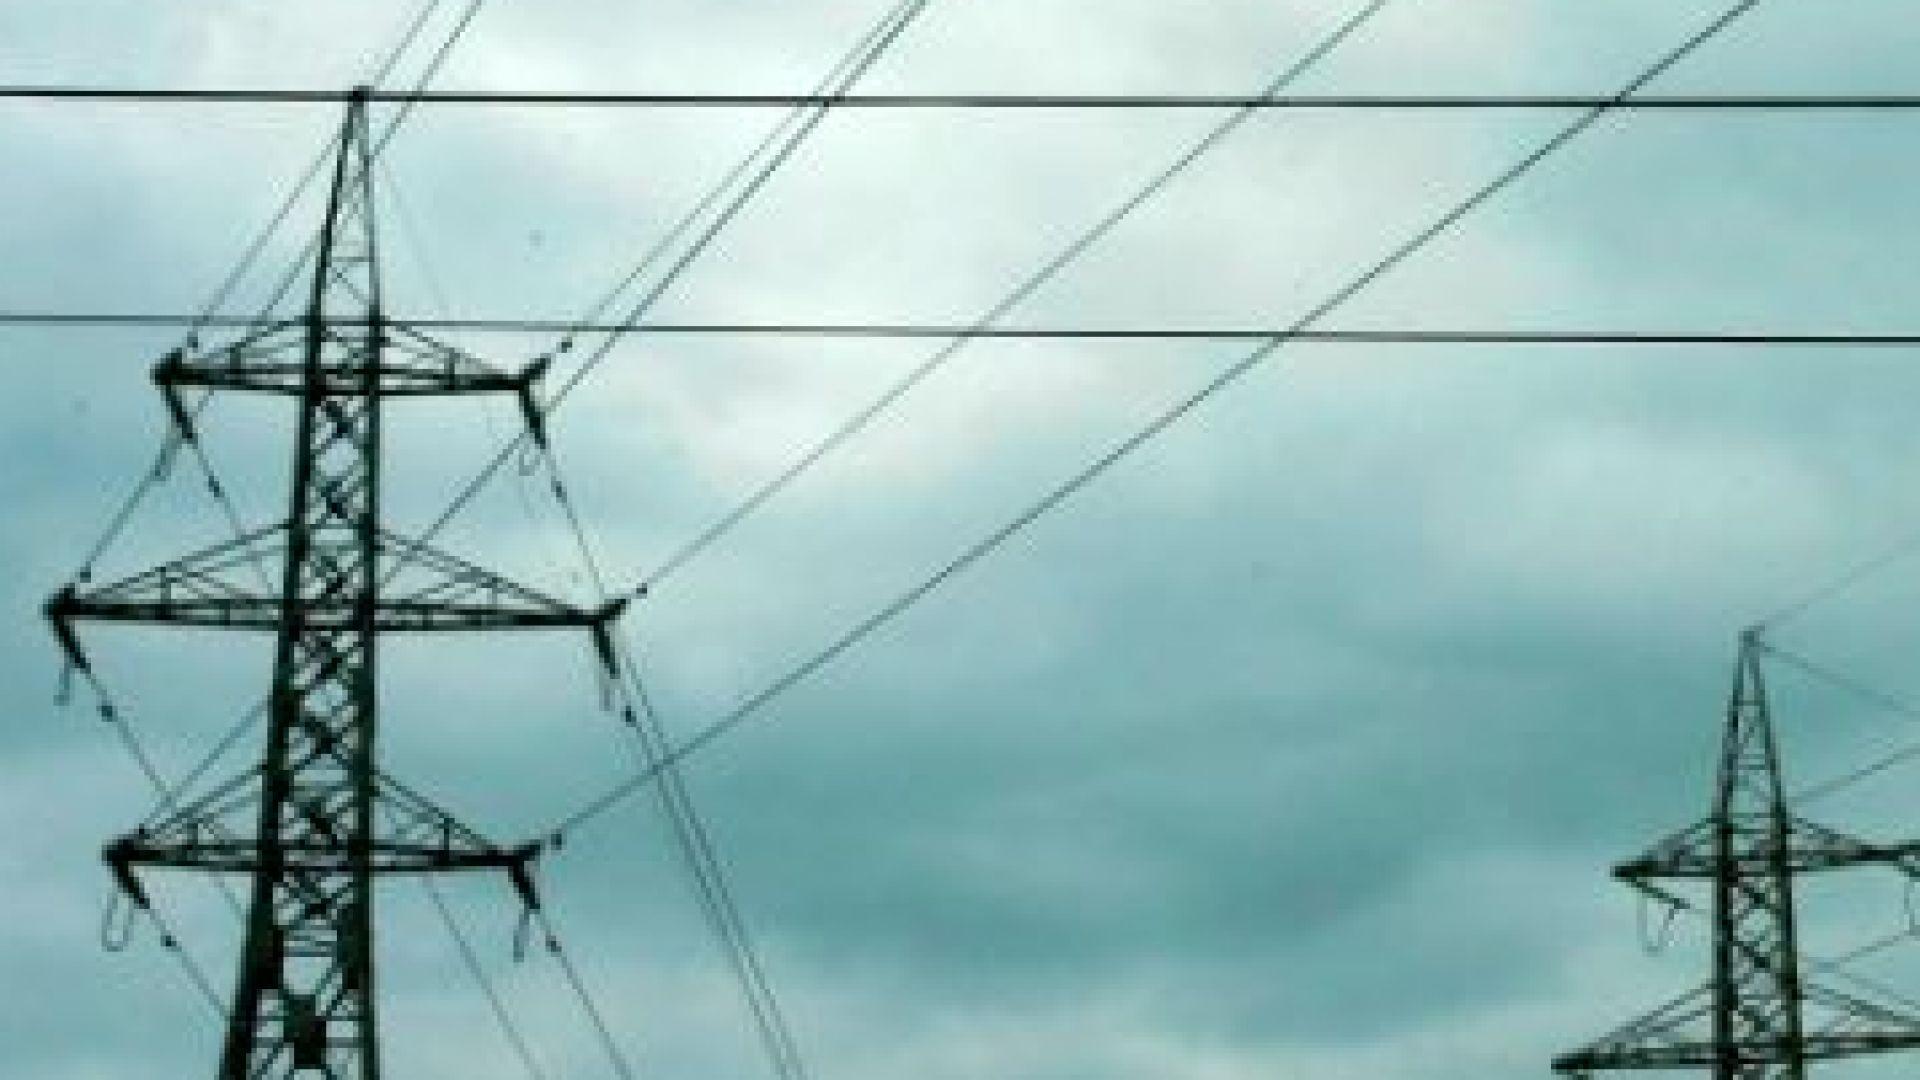 Енергийната борса иска връзка със съседни пазари